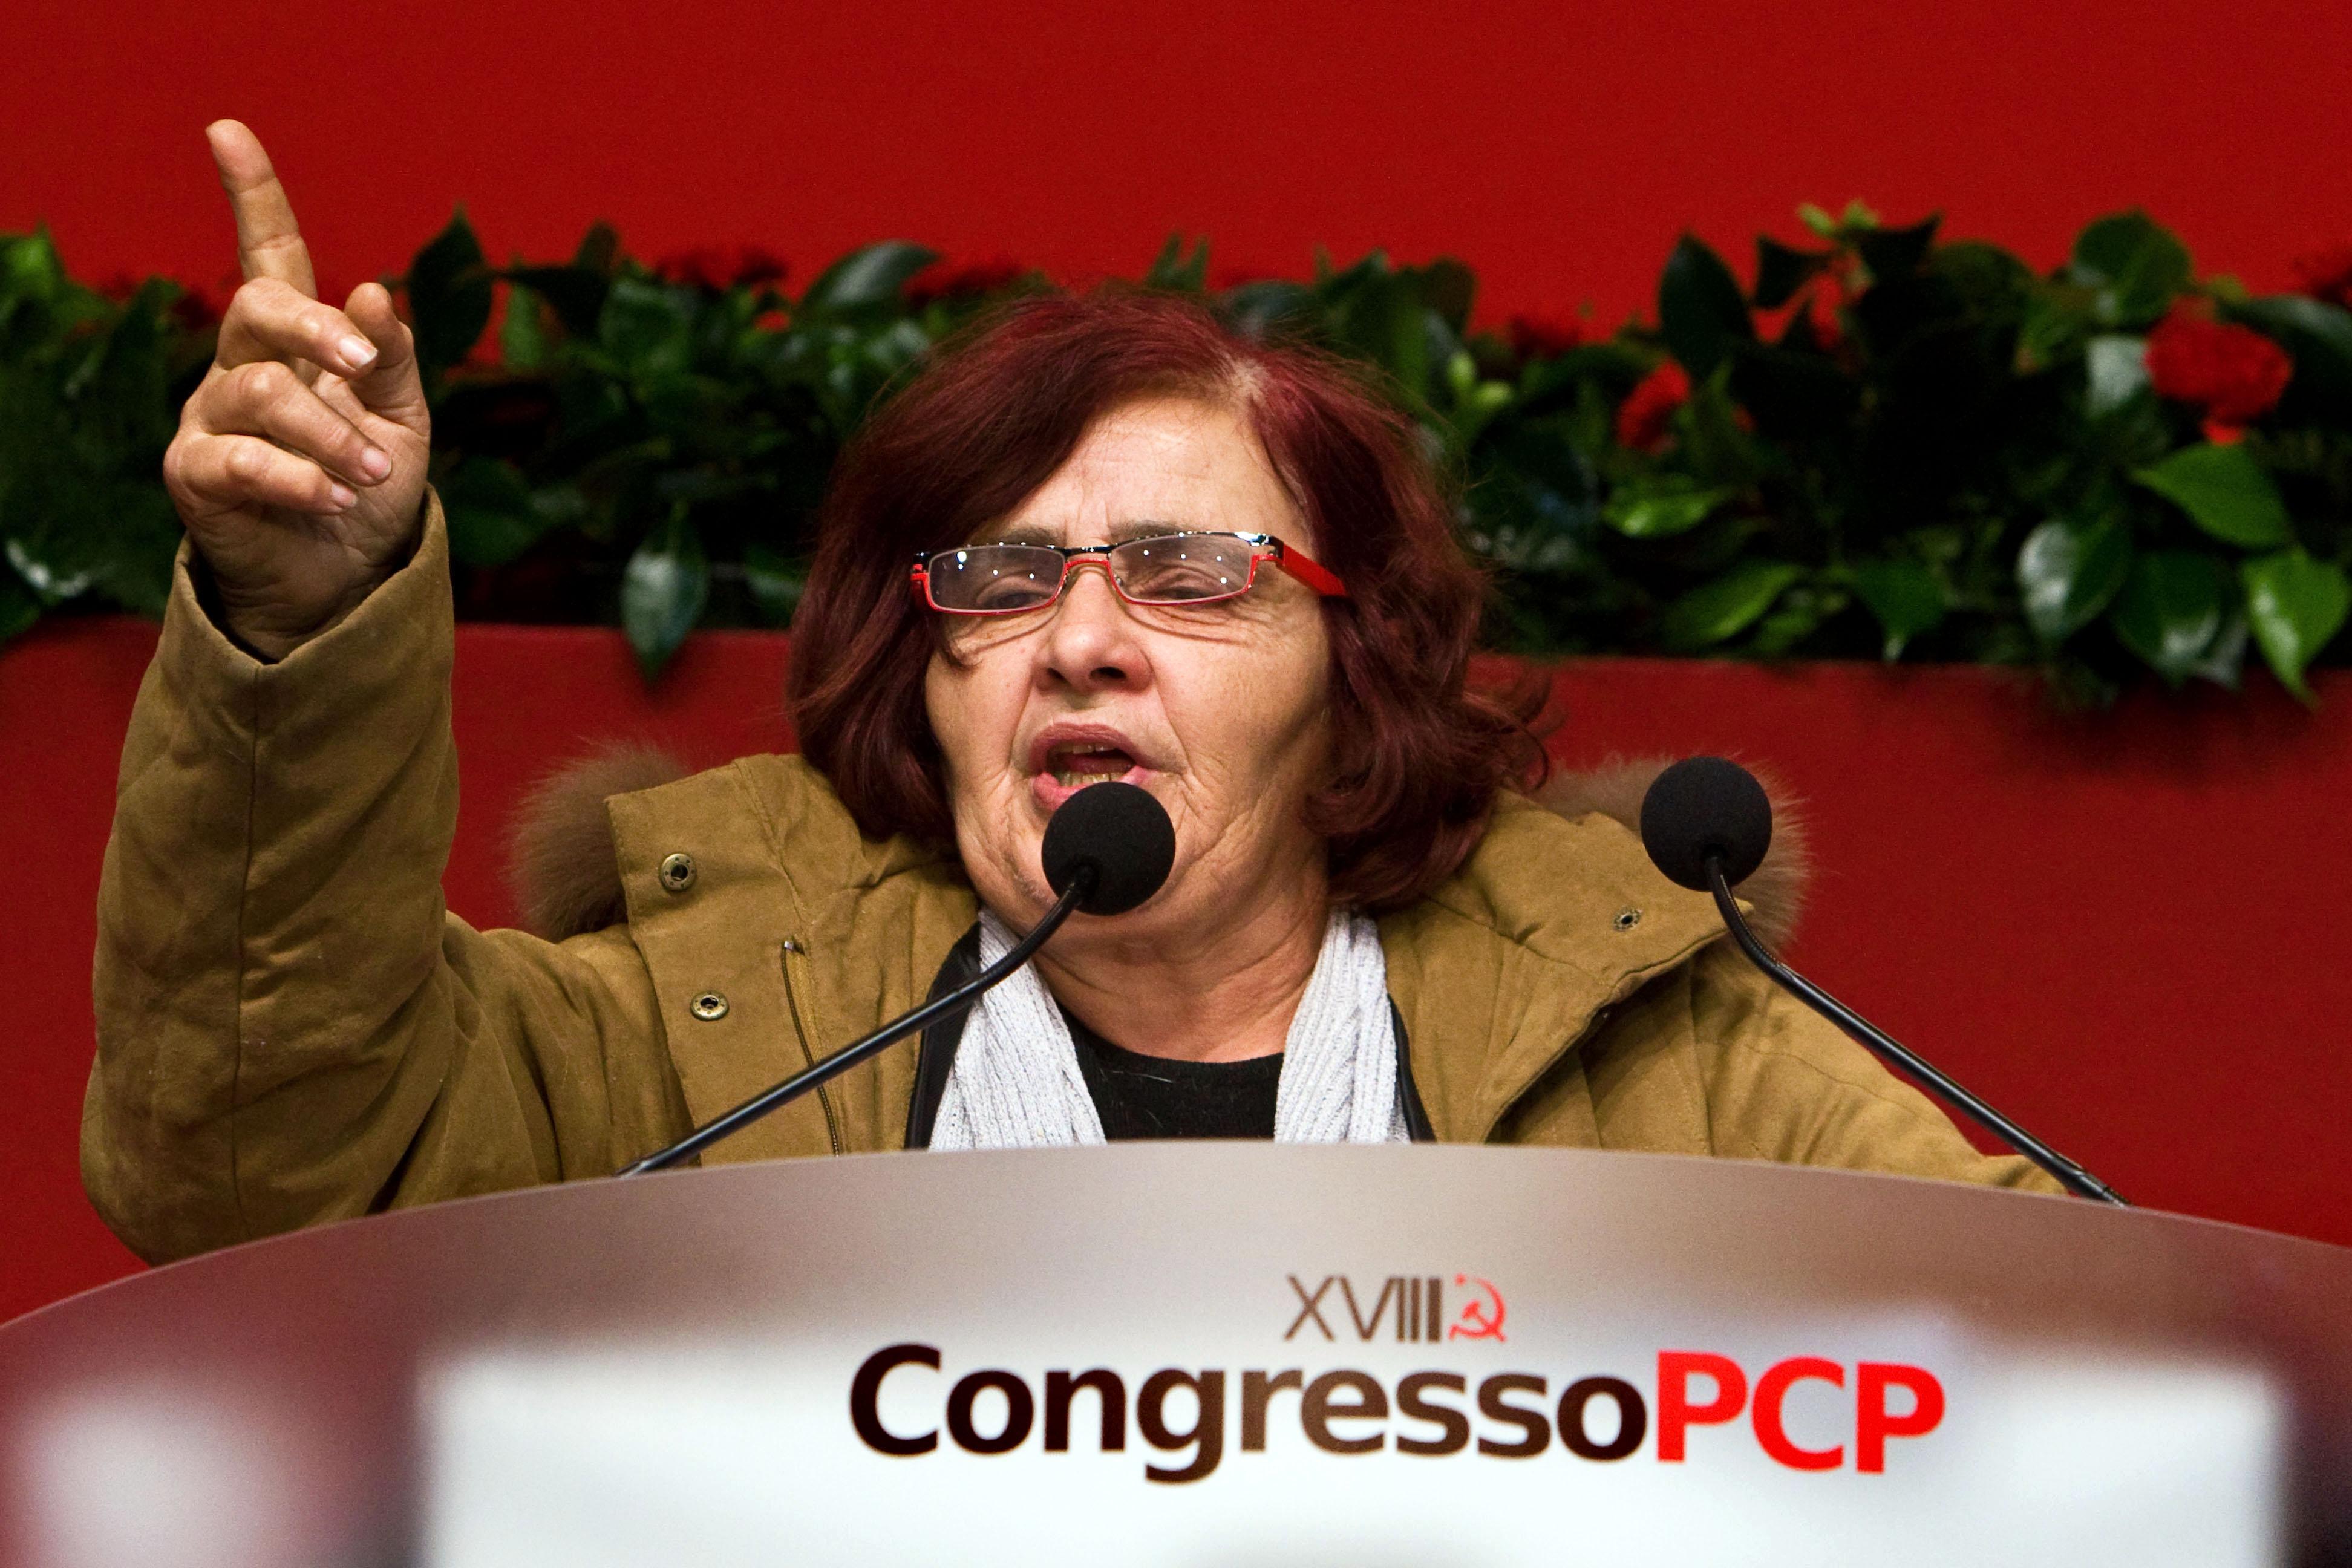 A ex-deputada comunista Odete Santos tem 27 casas e 5 milhões de euros em depósitos e aplicações?